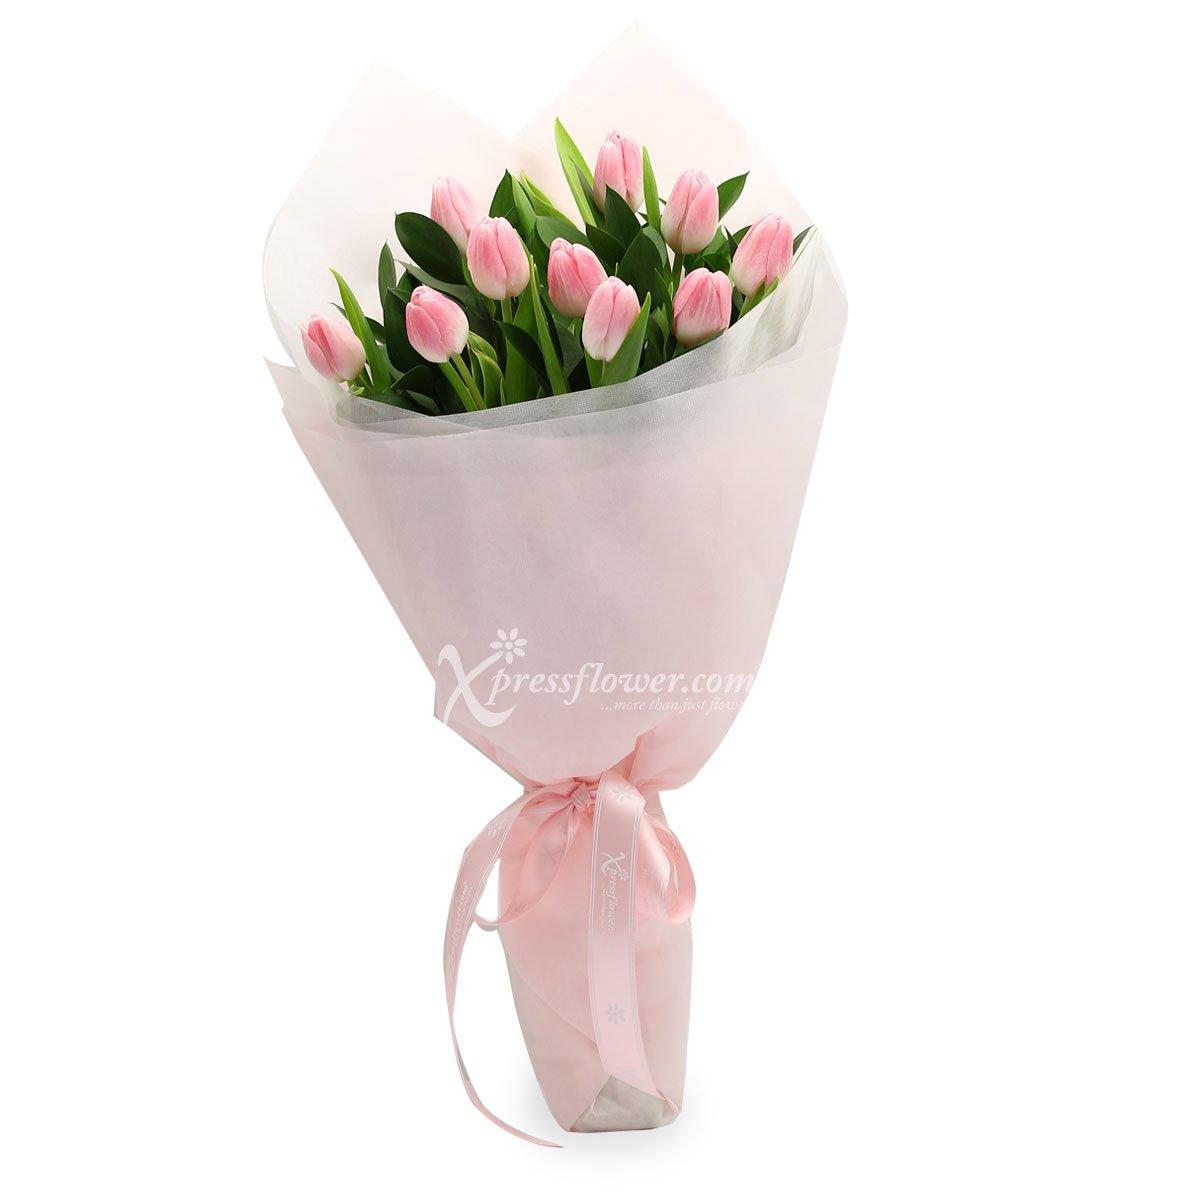 Blushing Pink (10 stalk Tulips)